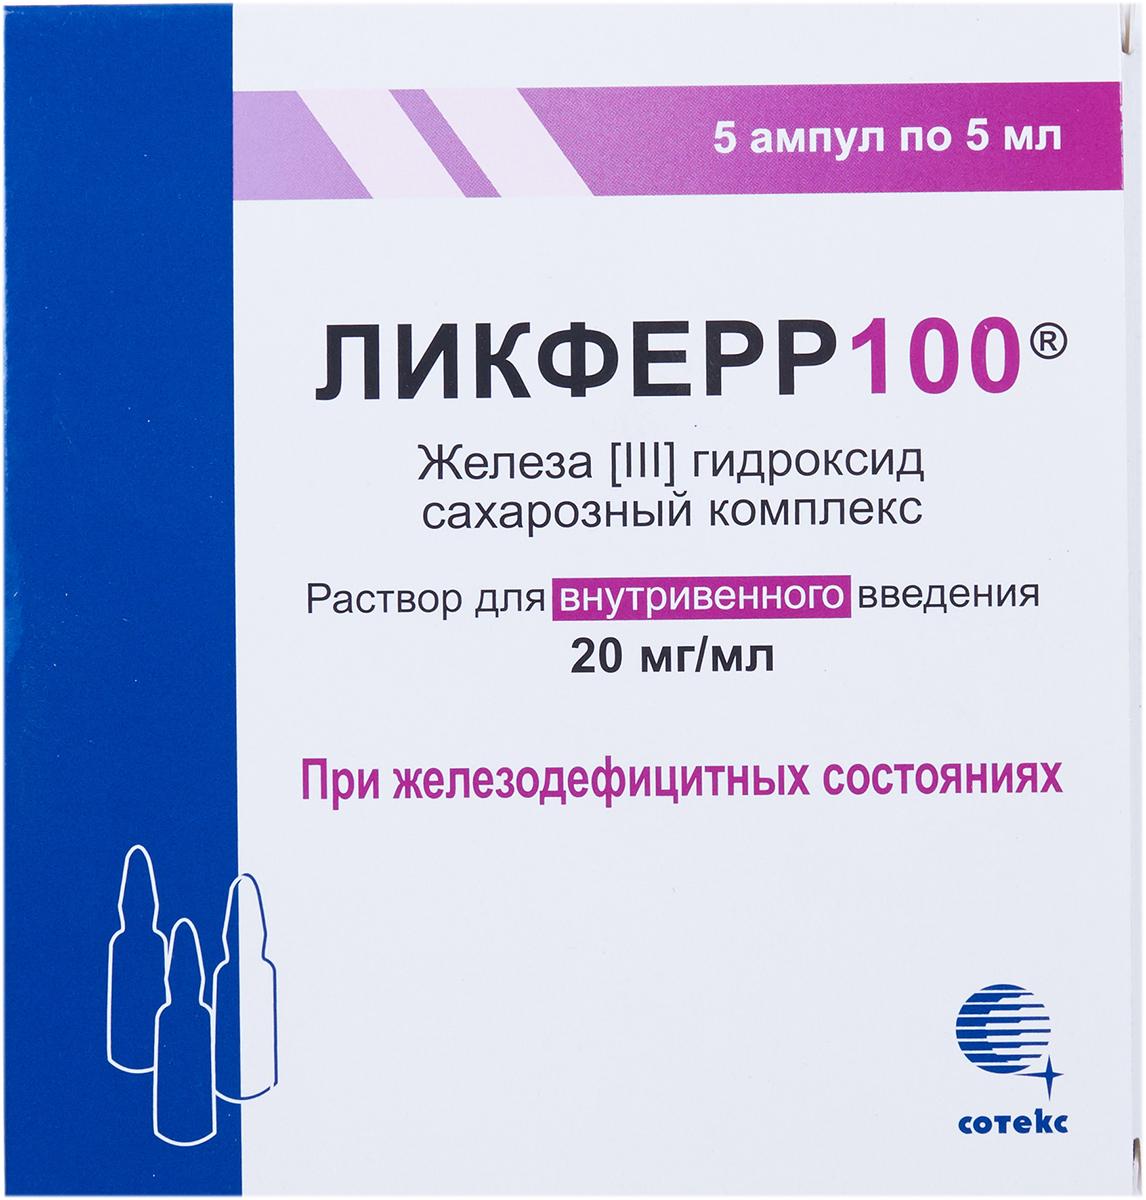 Ликферр (likferr) в ампулах. цена, инструкция по применению, производитель